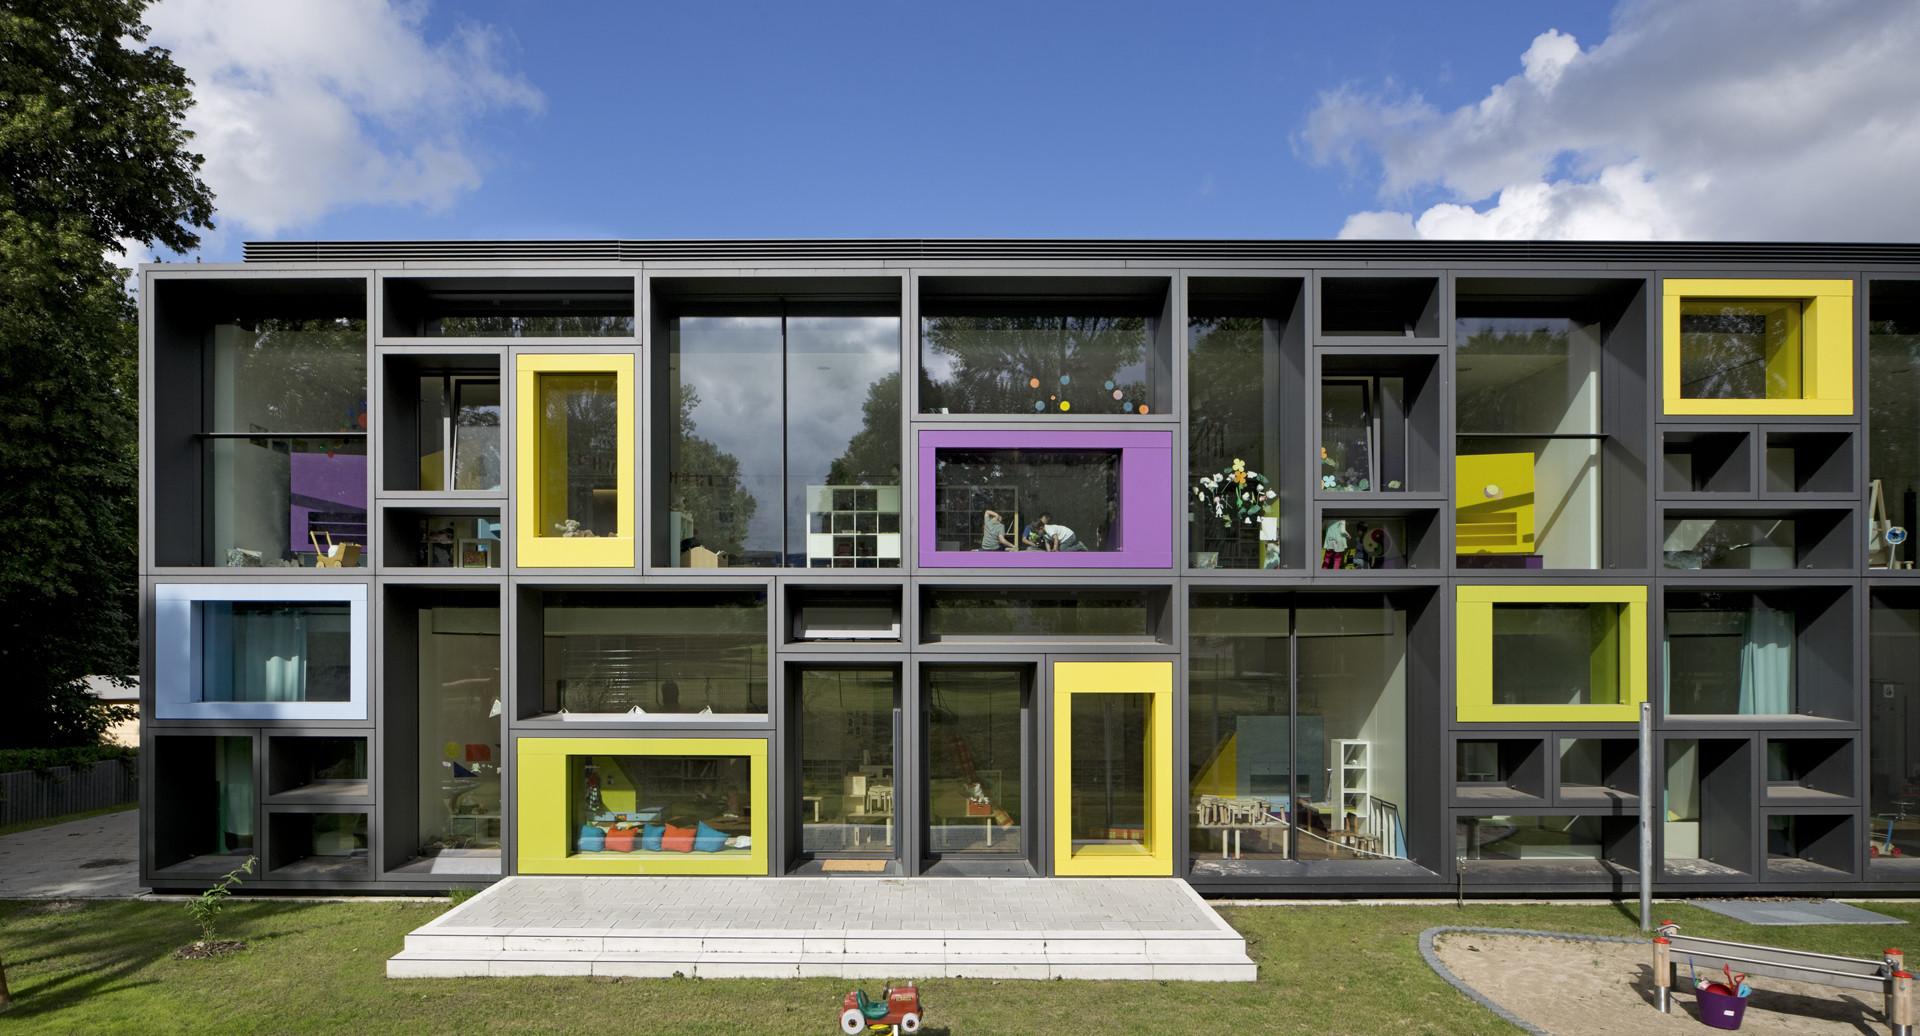 Beiersdorf Children's Day Care Centre / Kadawittfeldarchitektur, © Werner Huthmacher